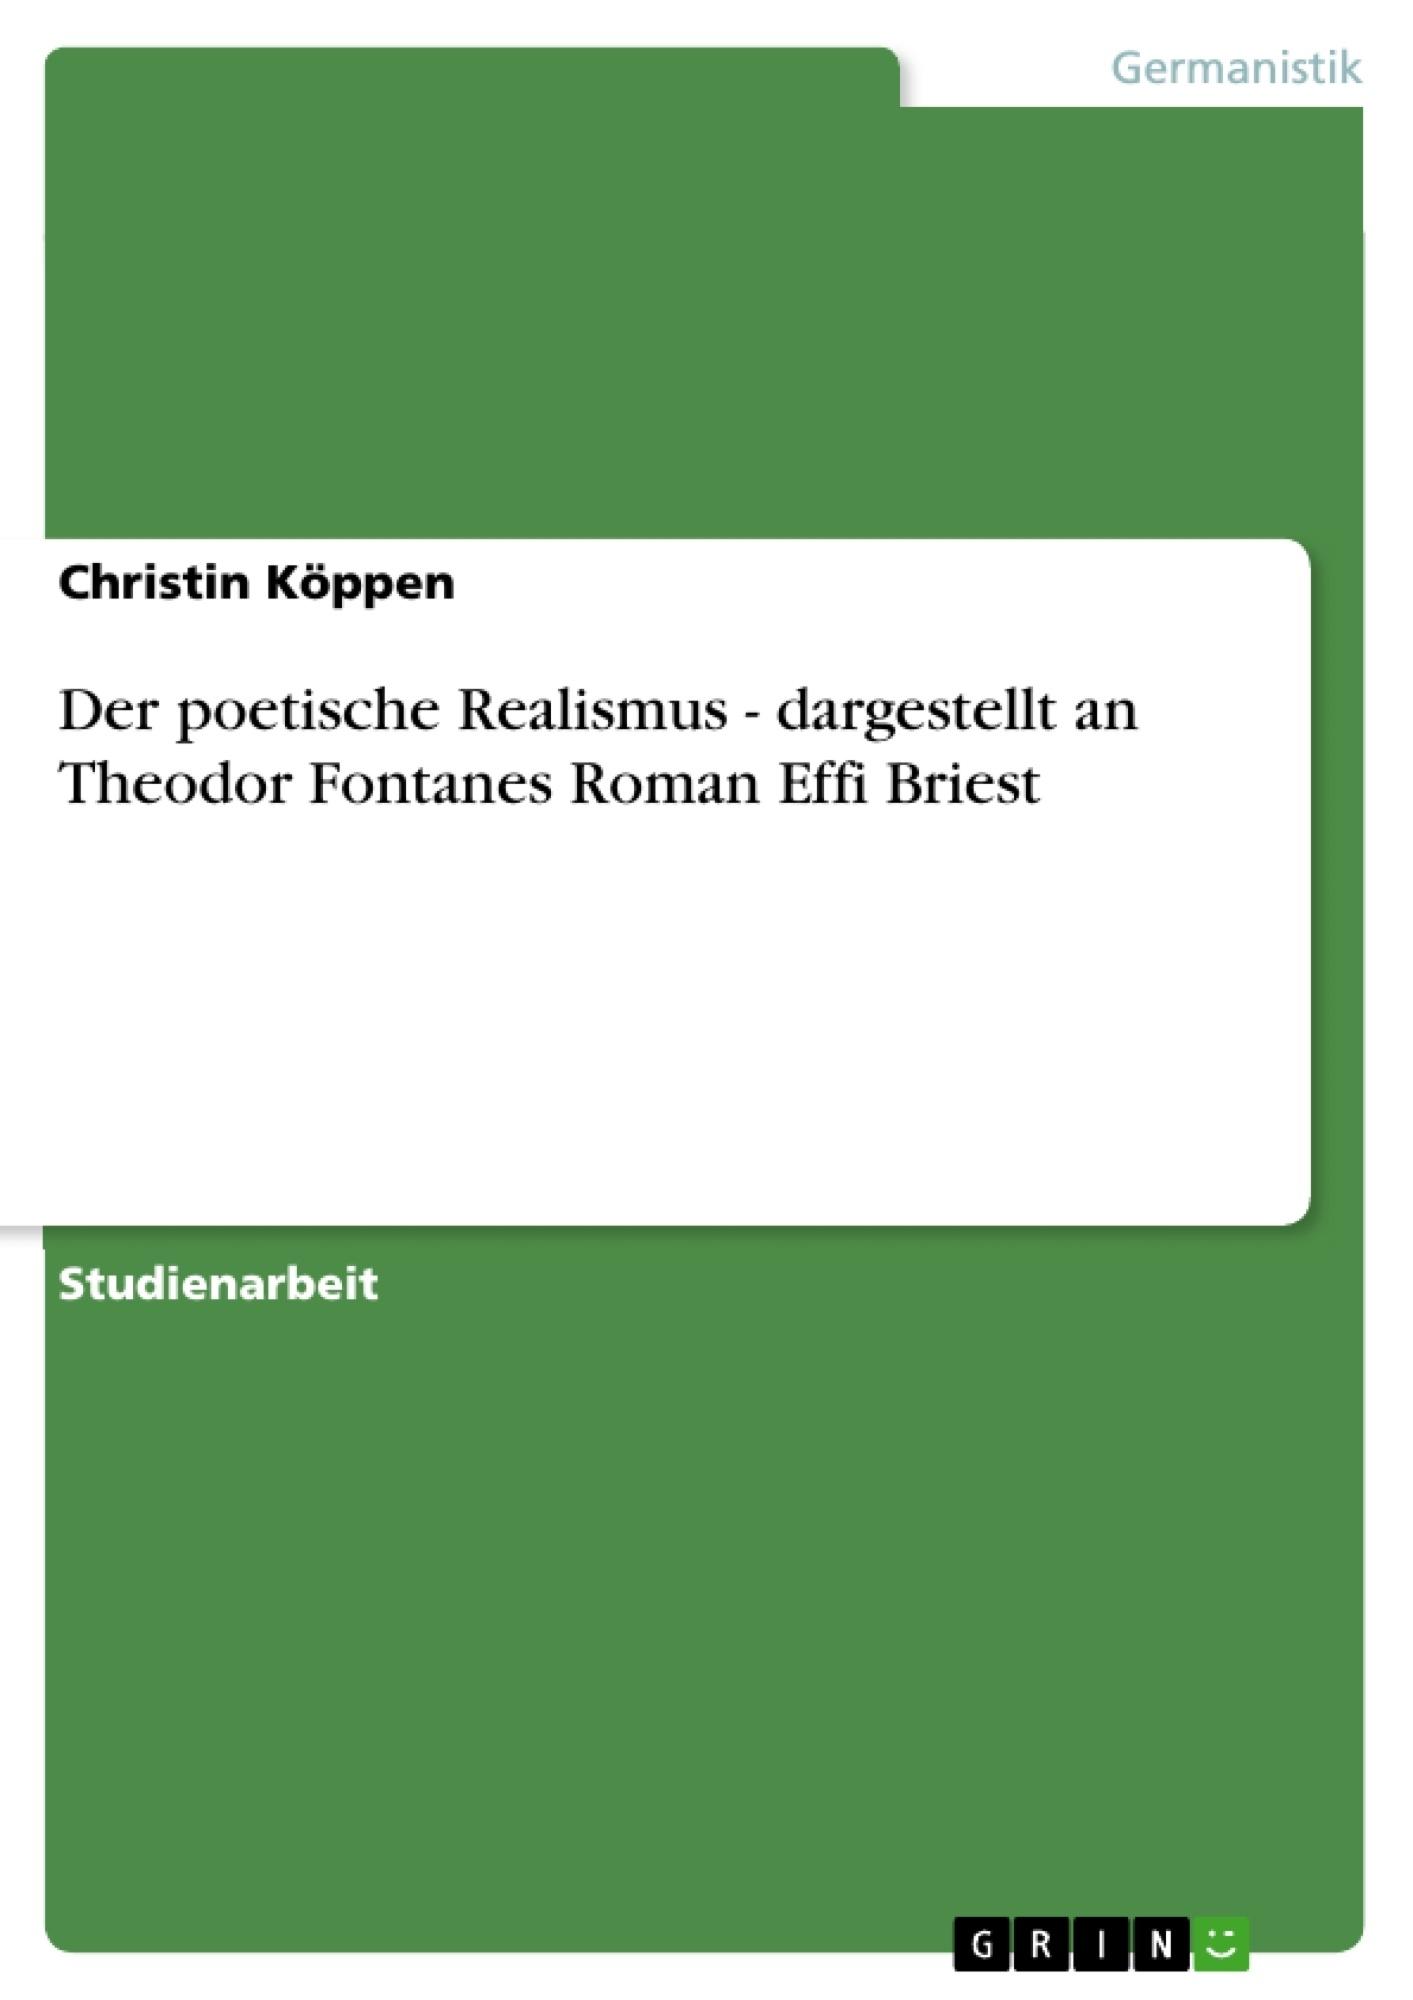 Titel: Der poetische Realismus - dargestellt an Theodor Fontanes Roman Effi Briest